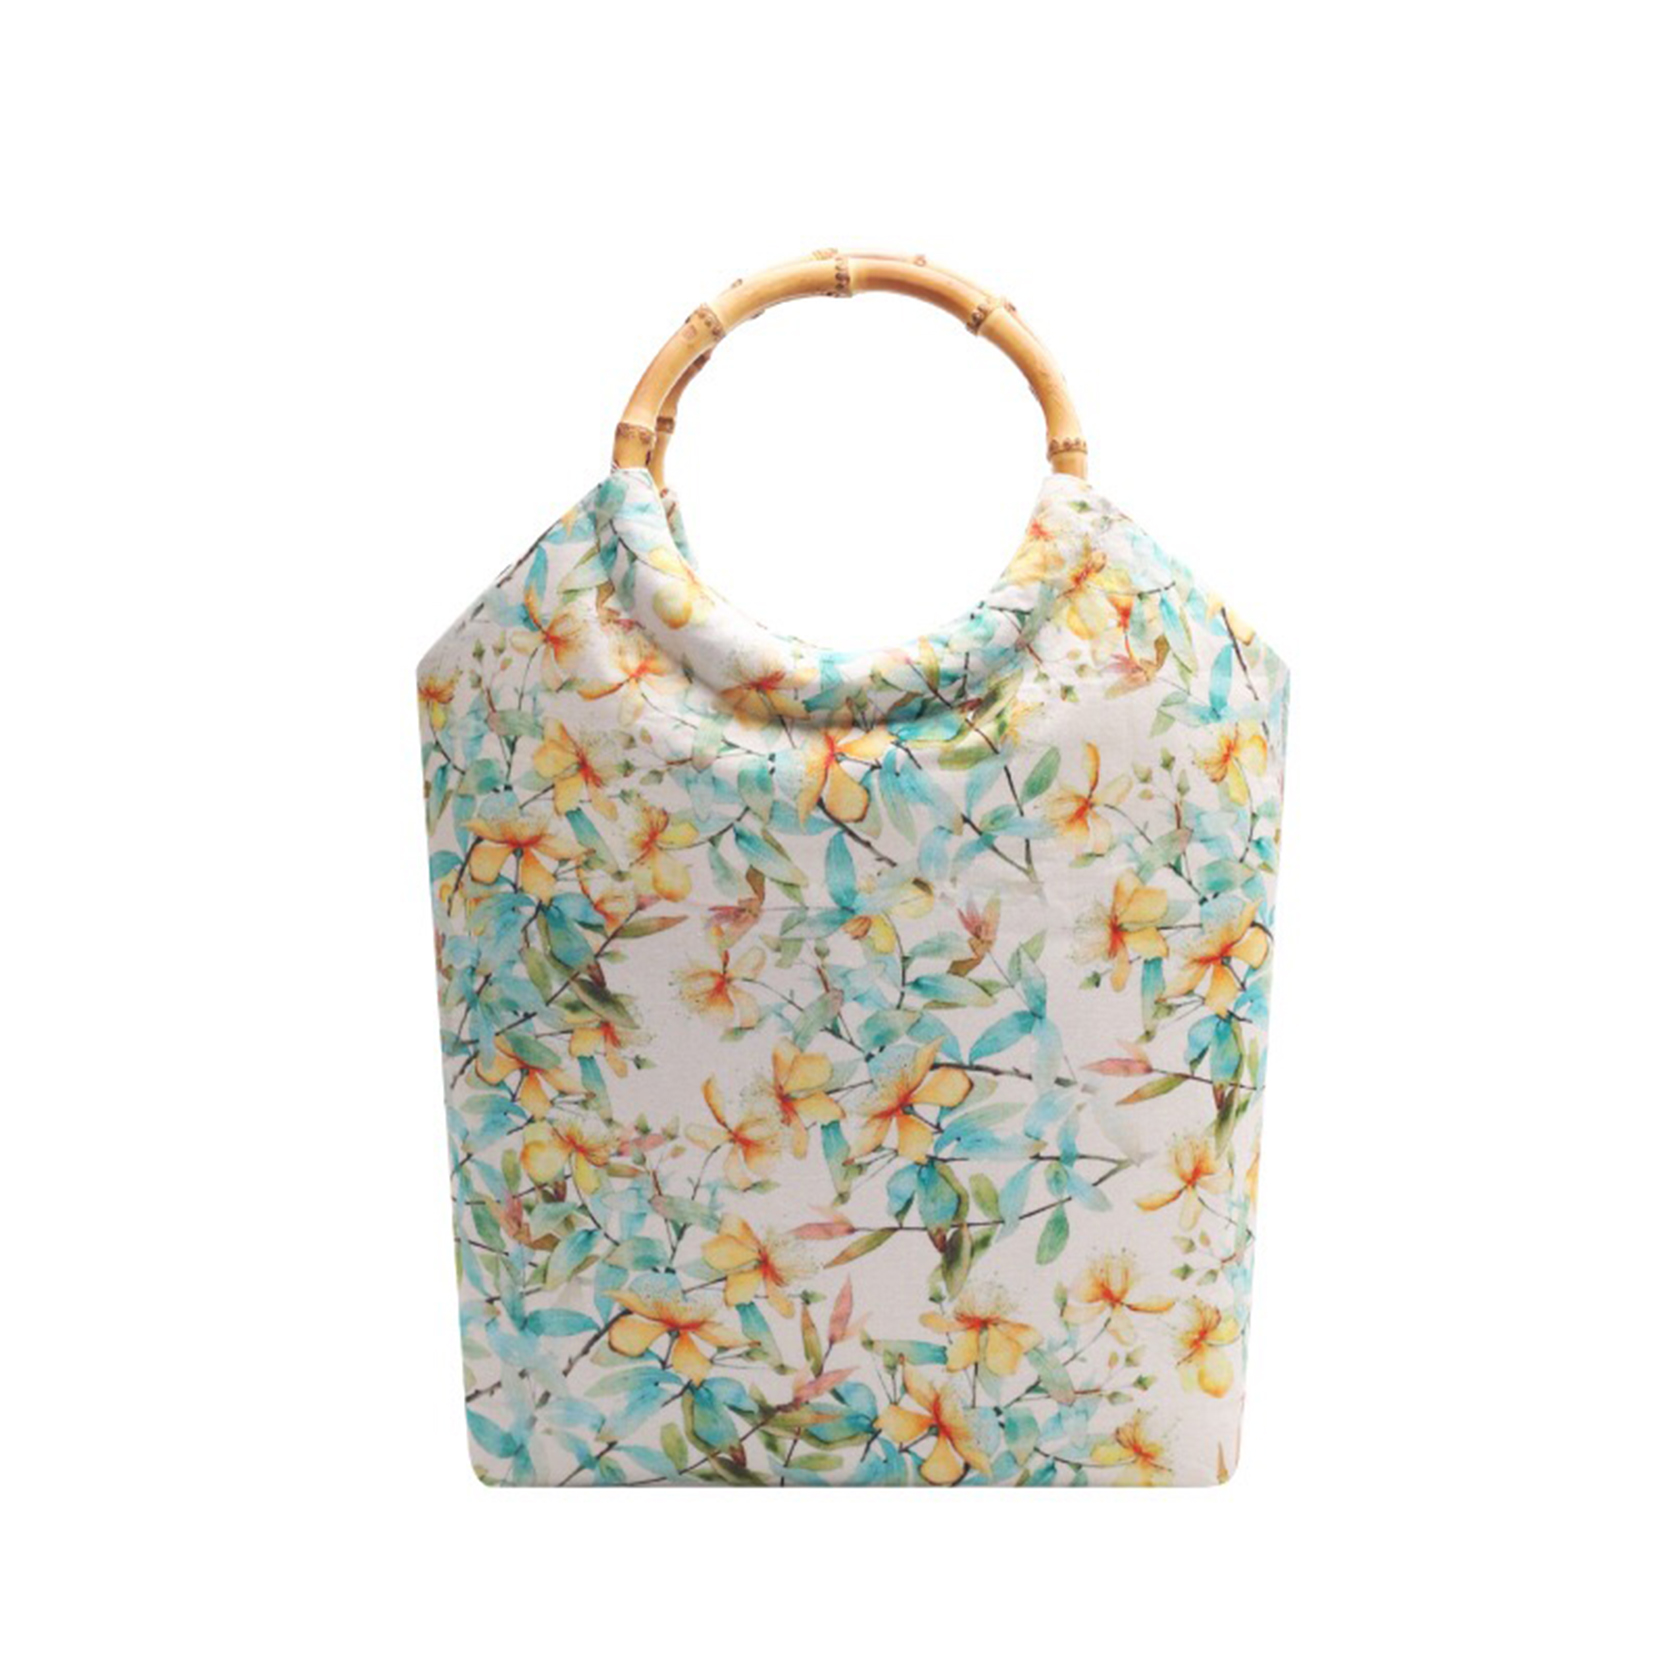 Купить дизайнерская ретро женская сумка с бамбуковой ручкой тканевая